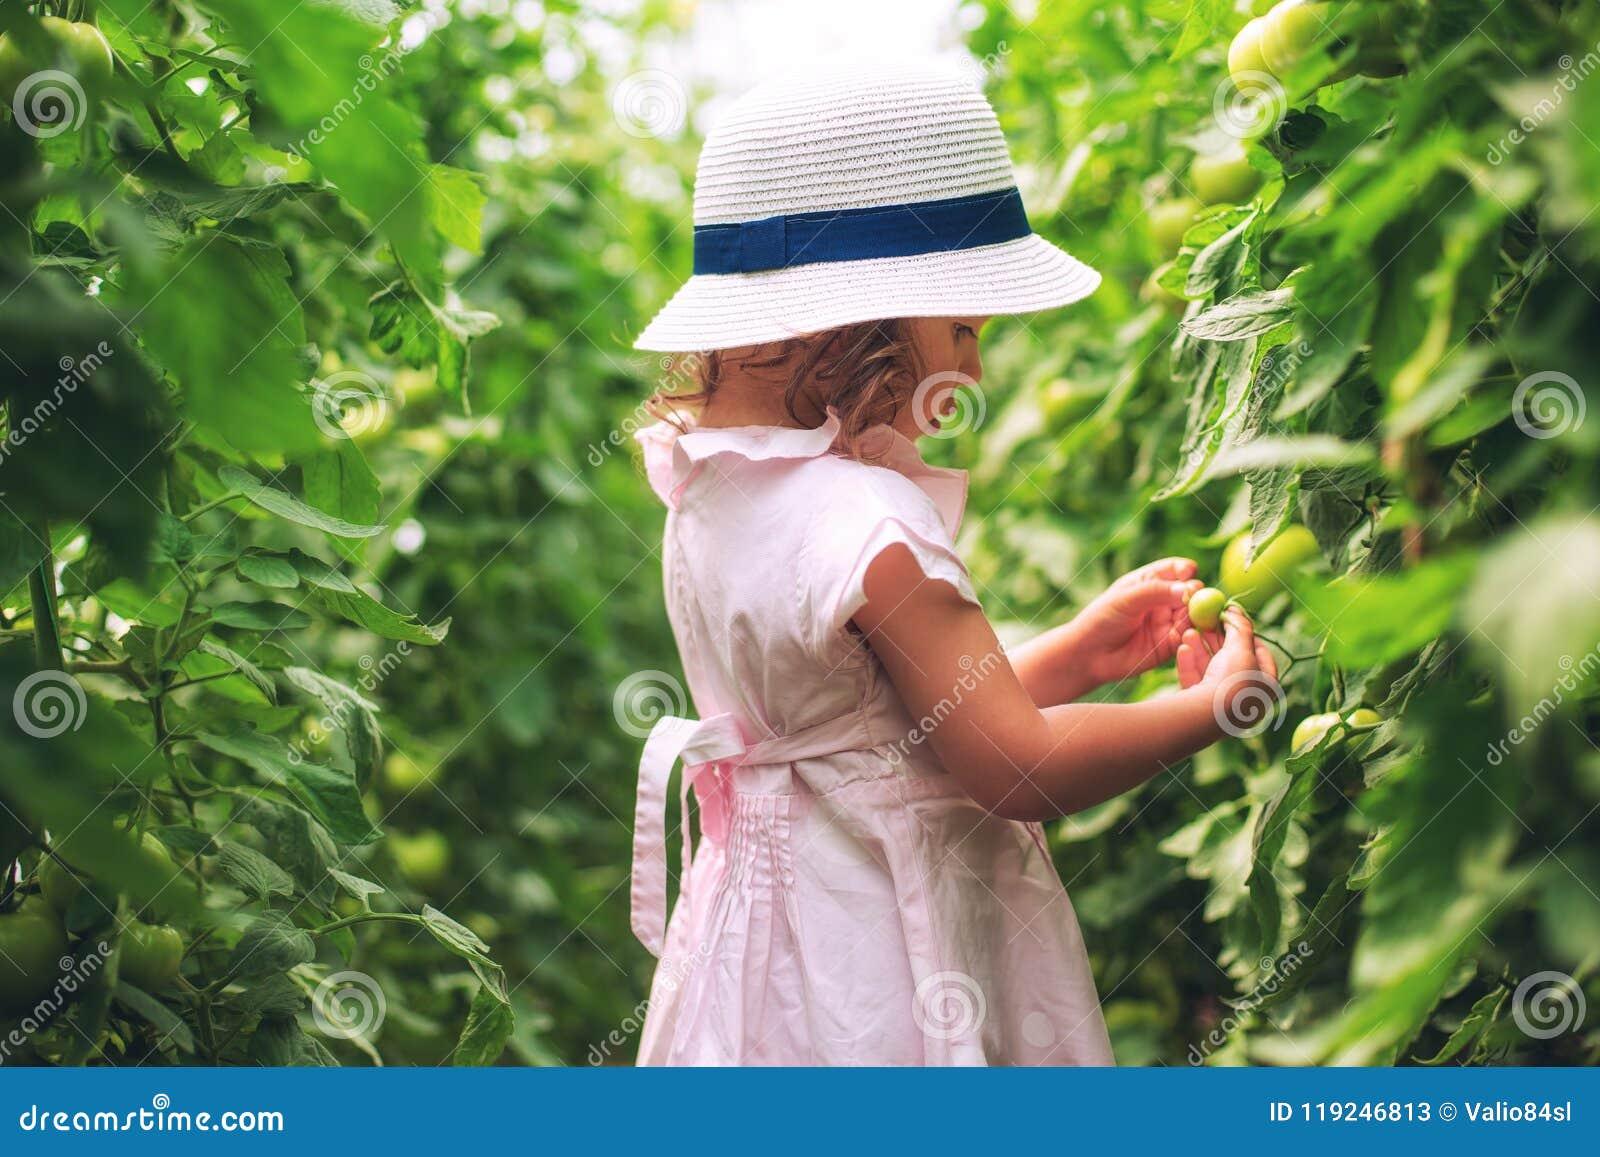 O jardineiro bonito da menina escolheu tomates orgânicos na casa verde